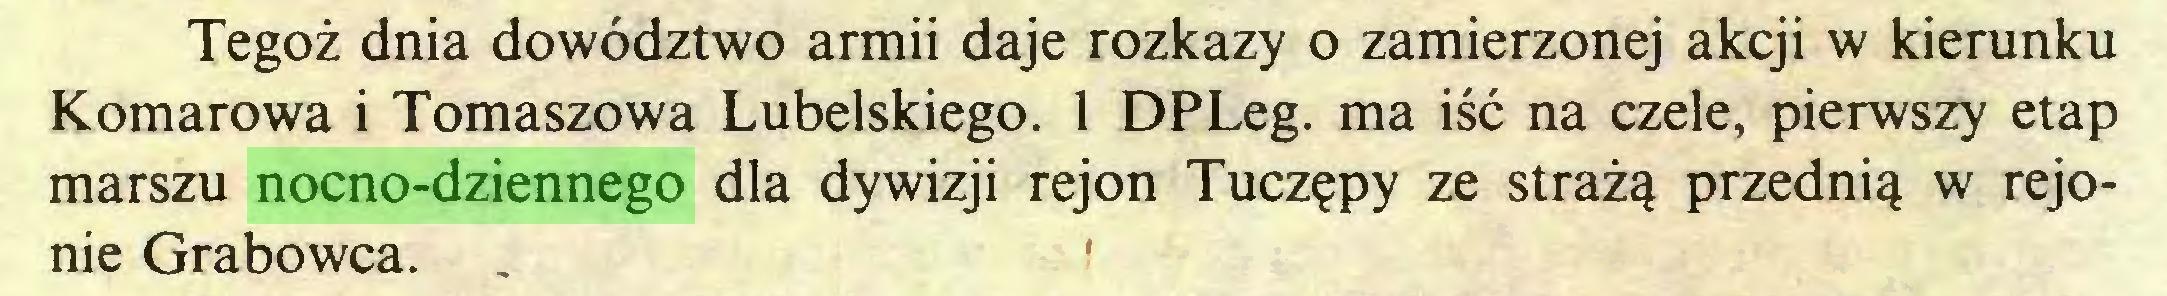 (...) Tegoż dnia dowództwo armii daje rozkazy o zamierzonej akcji w kierunku Komarowa i Tomaszowa Lubelskiego. 1 DPLeg. ma iść na czele, pierwszy etap marszu nocno-dziennego dla dywizji rejon Tuczępy ze strażą przednią w rejonie Grabowca...